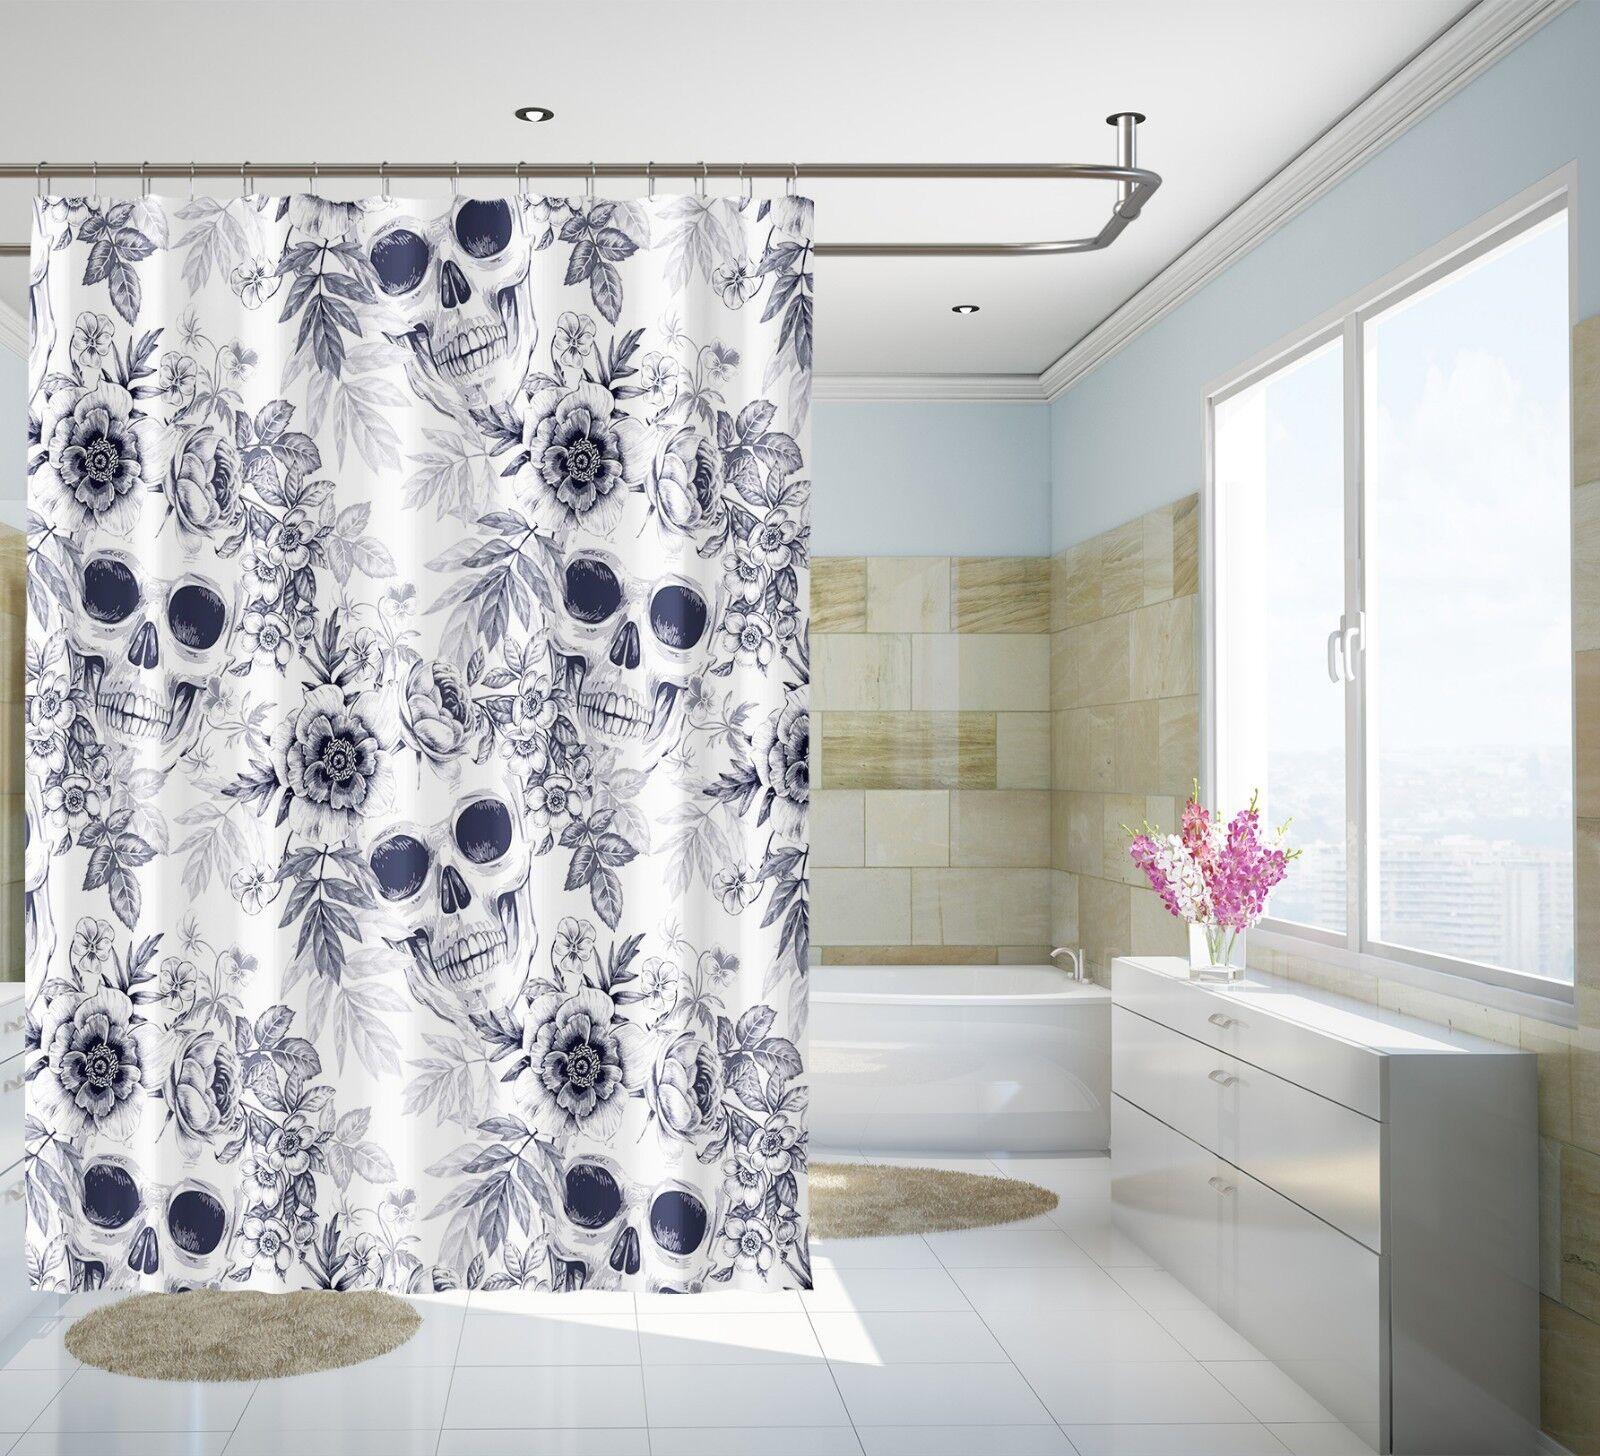 3D Crane Fashion 9 Rideau de Douche Imperméable Fibre Salle de Bain Home Windows Toilette